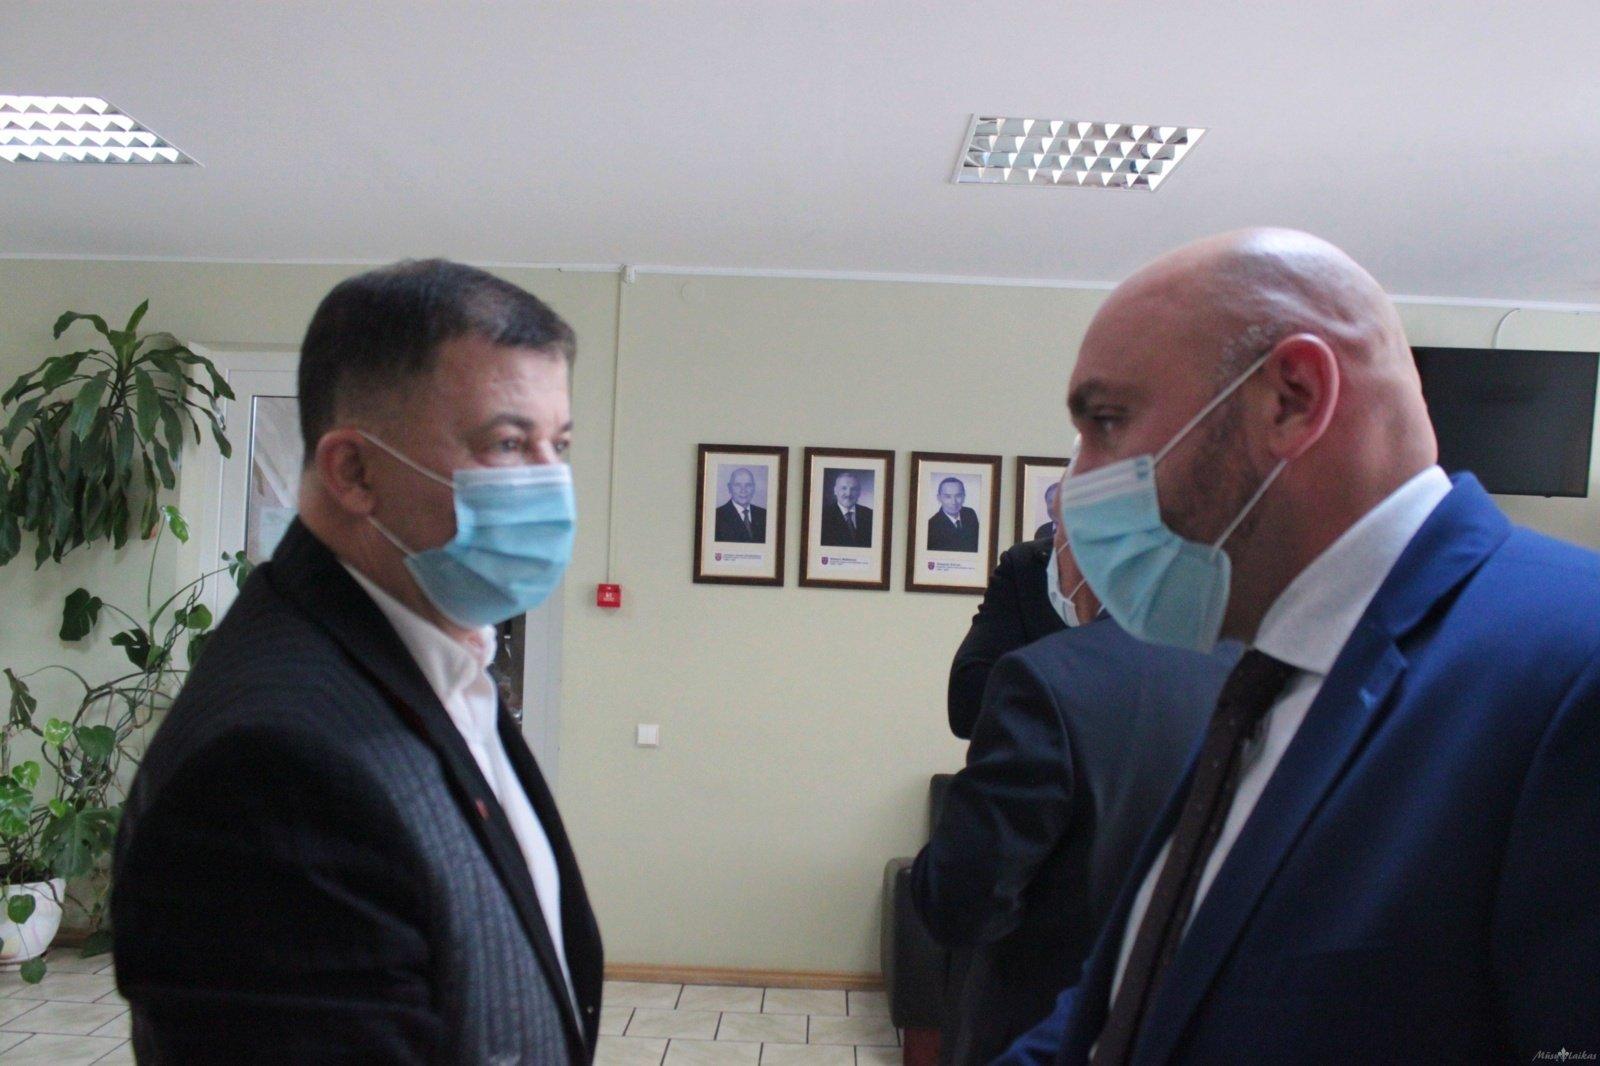 Vicemeras atleistas su trenksmu – rėžė rimtus kaltinimus interpeliacijos iniciatoriams